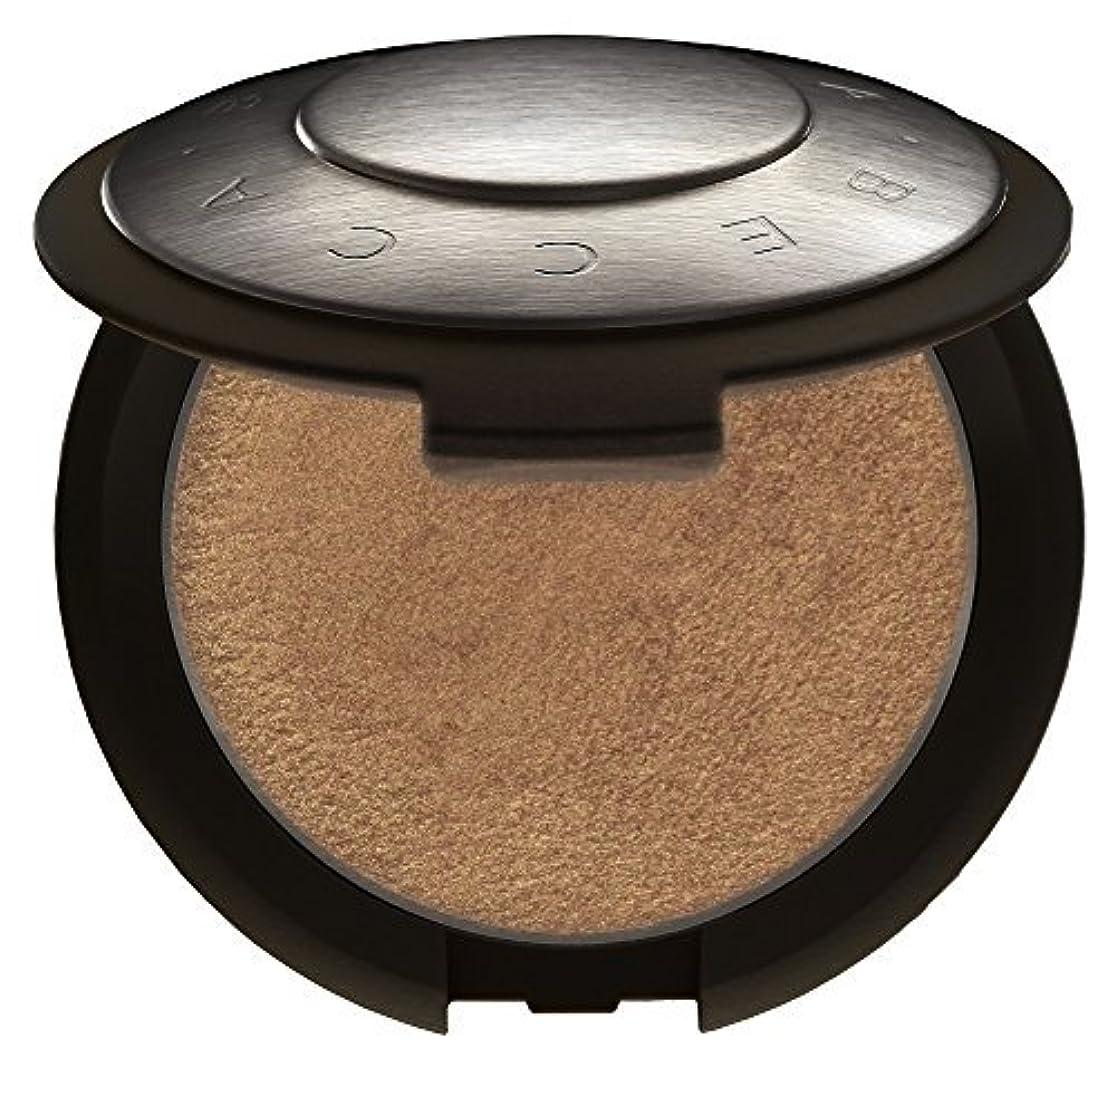 ビーチ買い物に行く圧縮[Becca] Shimmering Skin Perfector Pressed Powder - # Topaz 8g/0.28oz